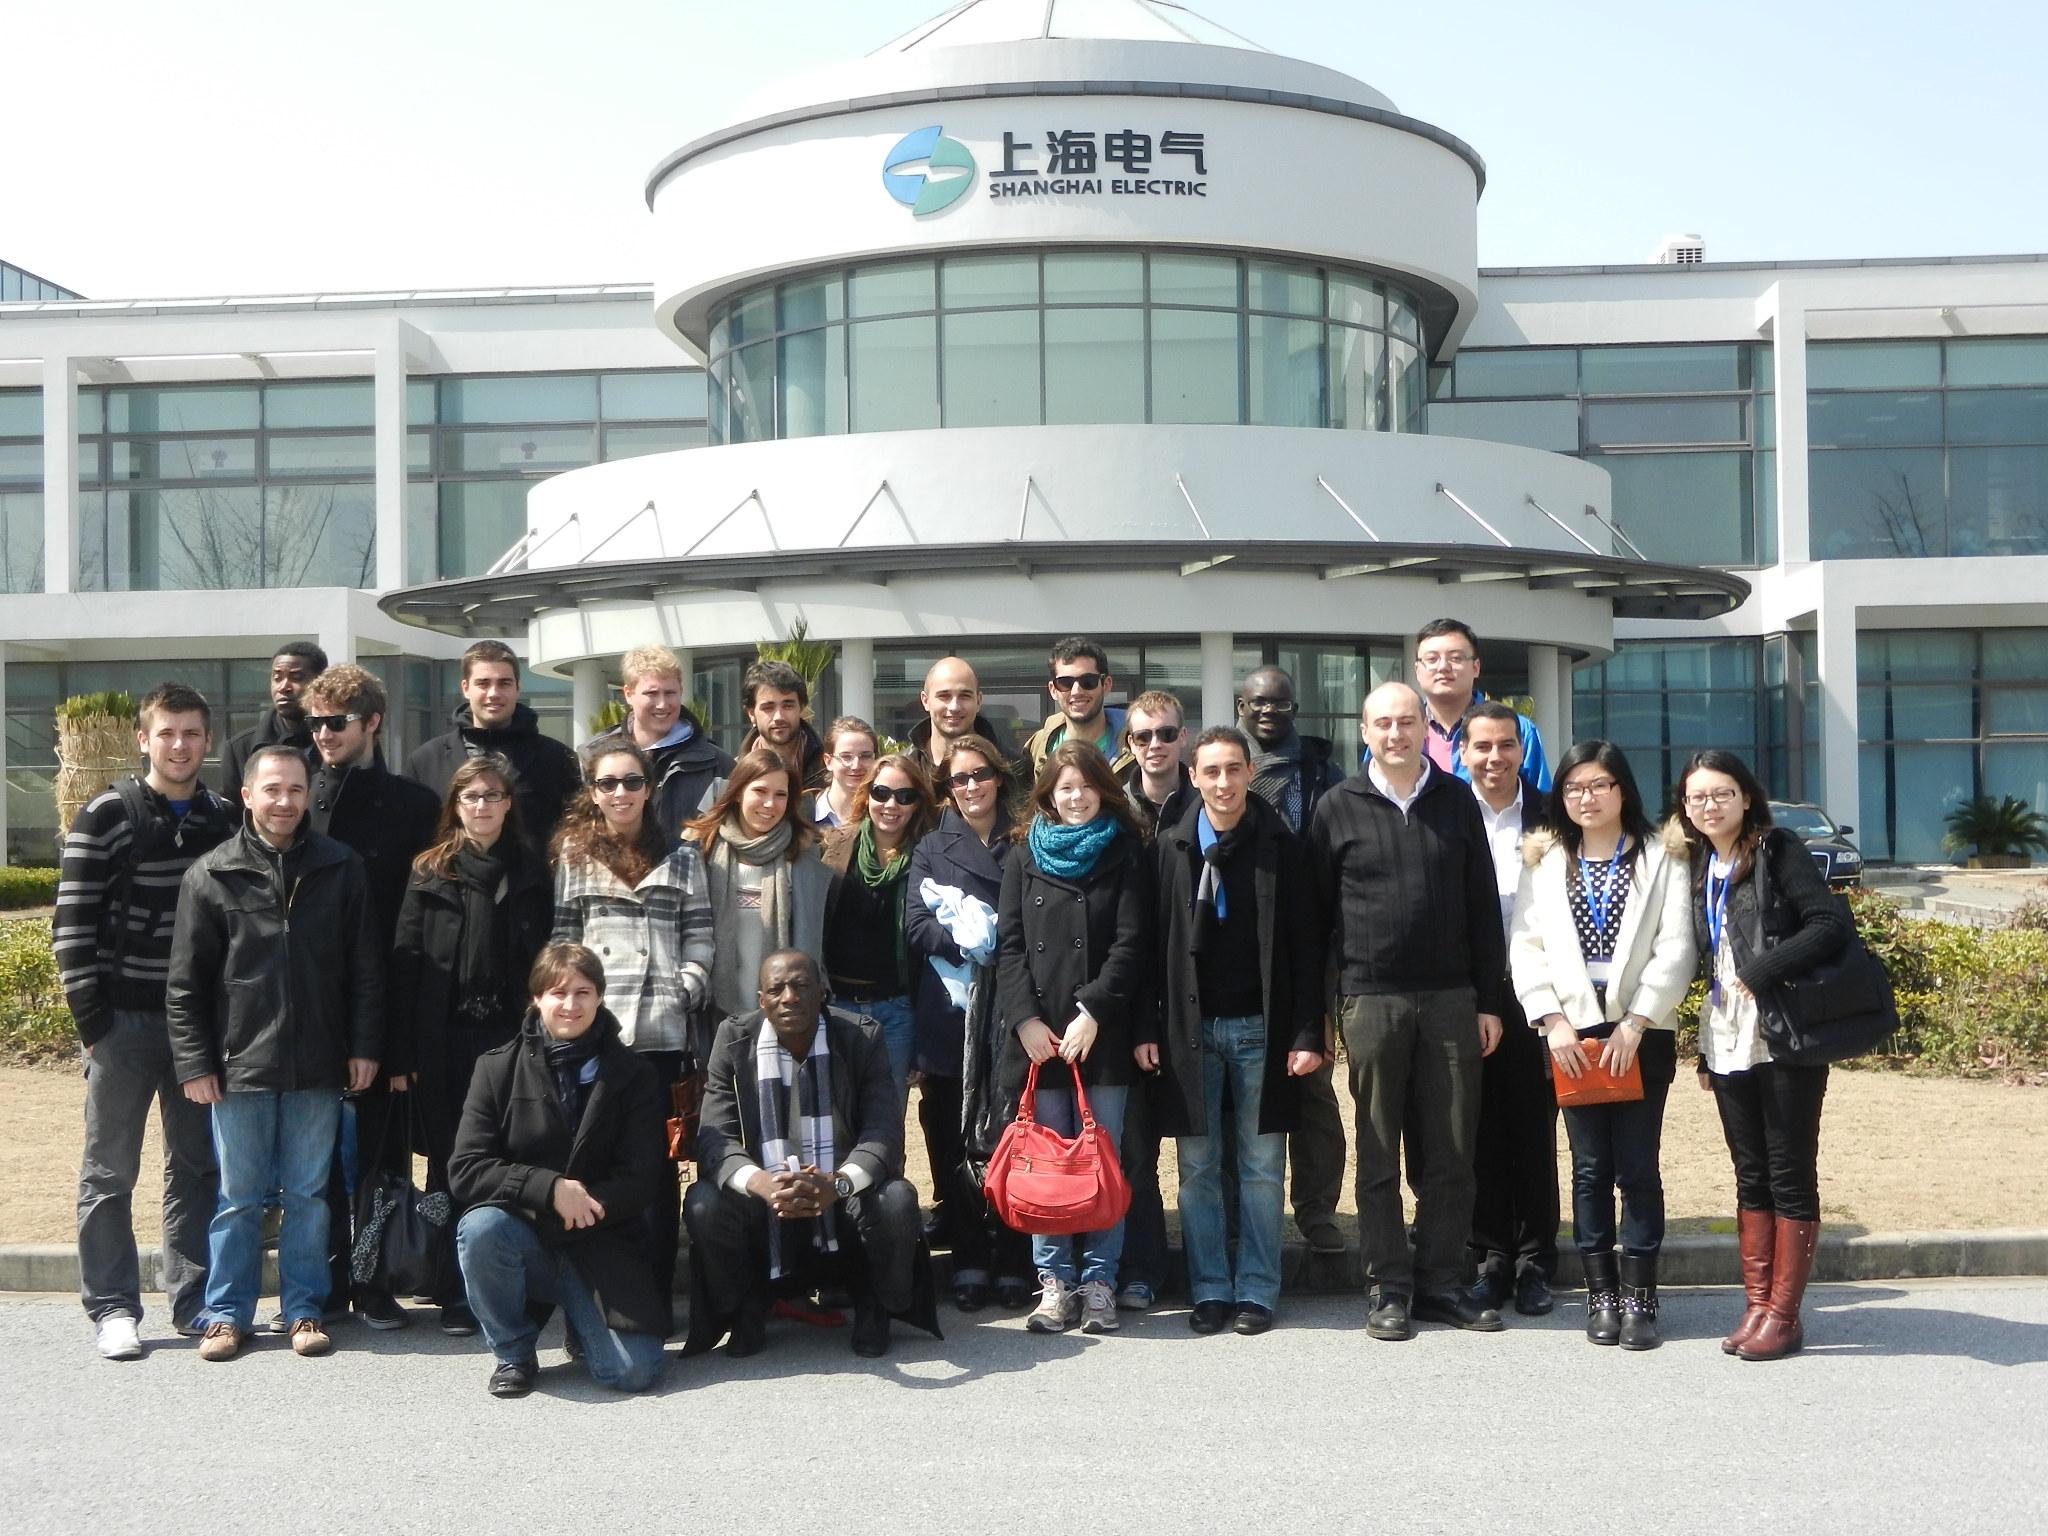 rencontre chinoise shanghai French lifestyle blogger in shanghai [ 10 idées reçues sur les chinois (de shanghai) ] rencontre avec la ptite lu.